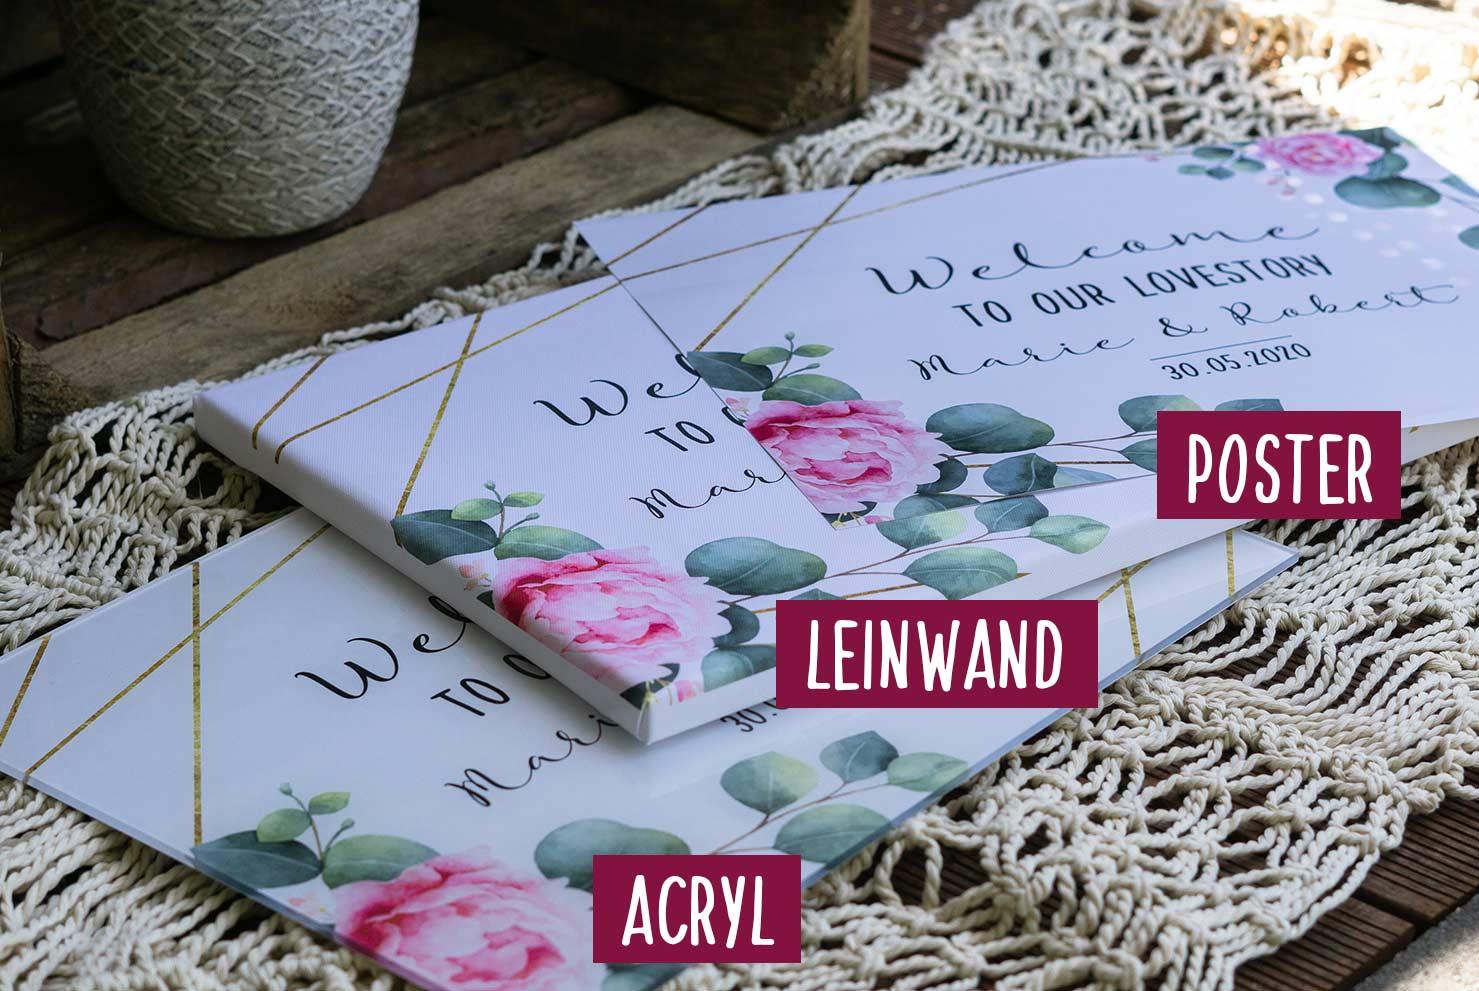 Willkommensschild Welcome für die Hochzeit Poster Acryl und Leinwand